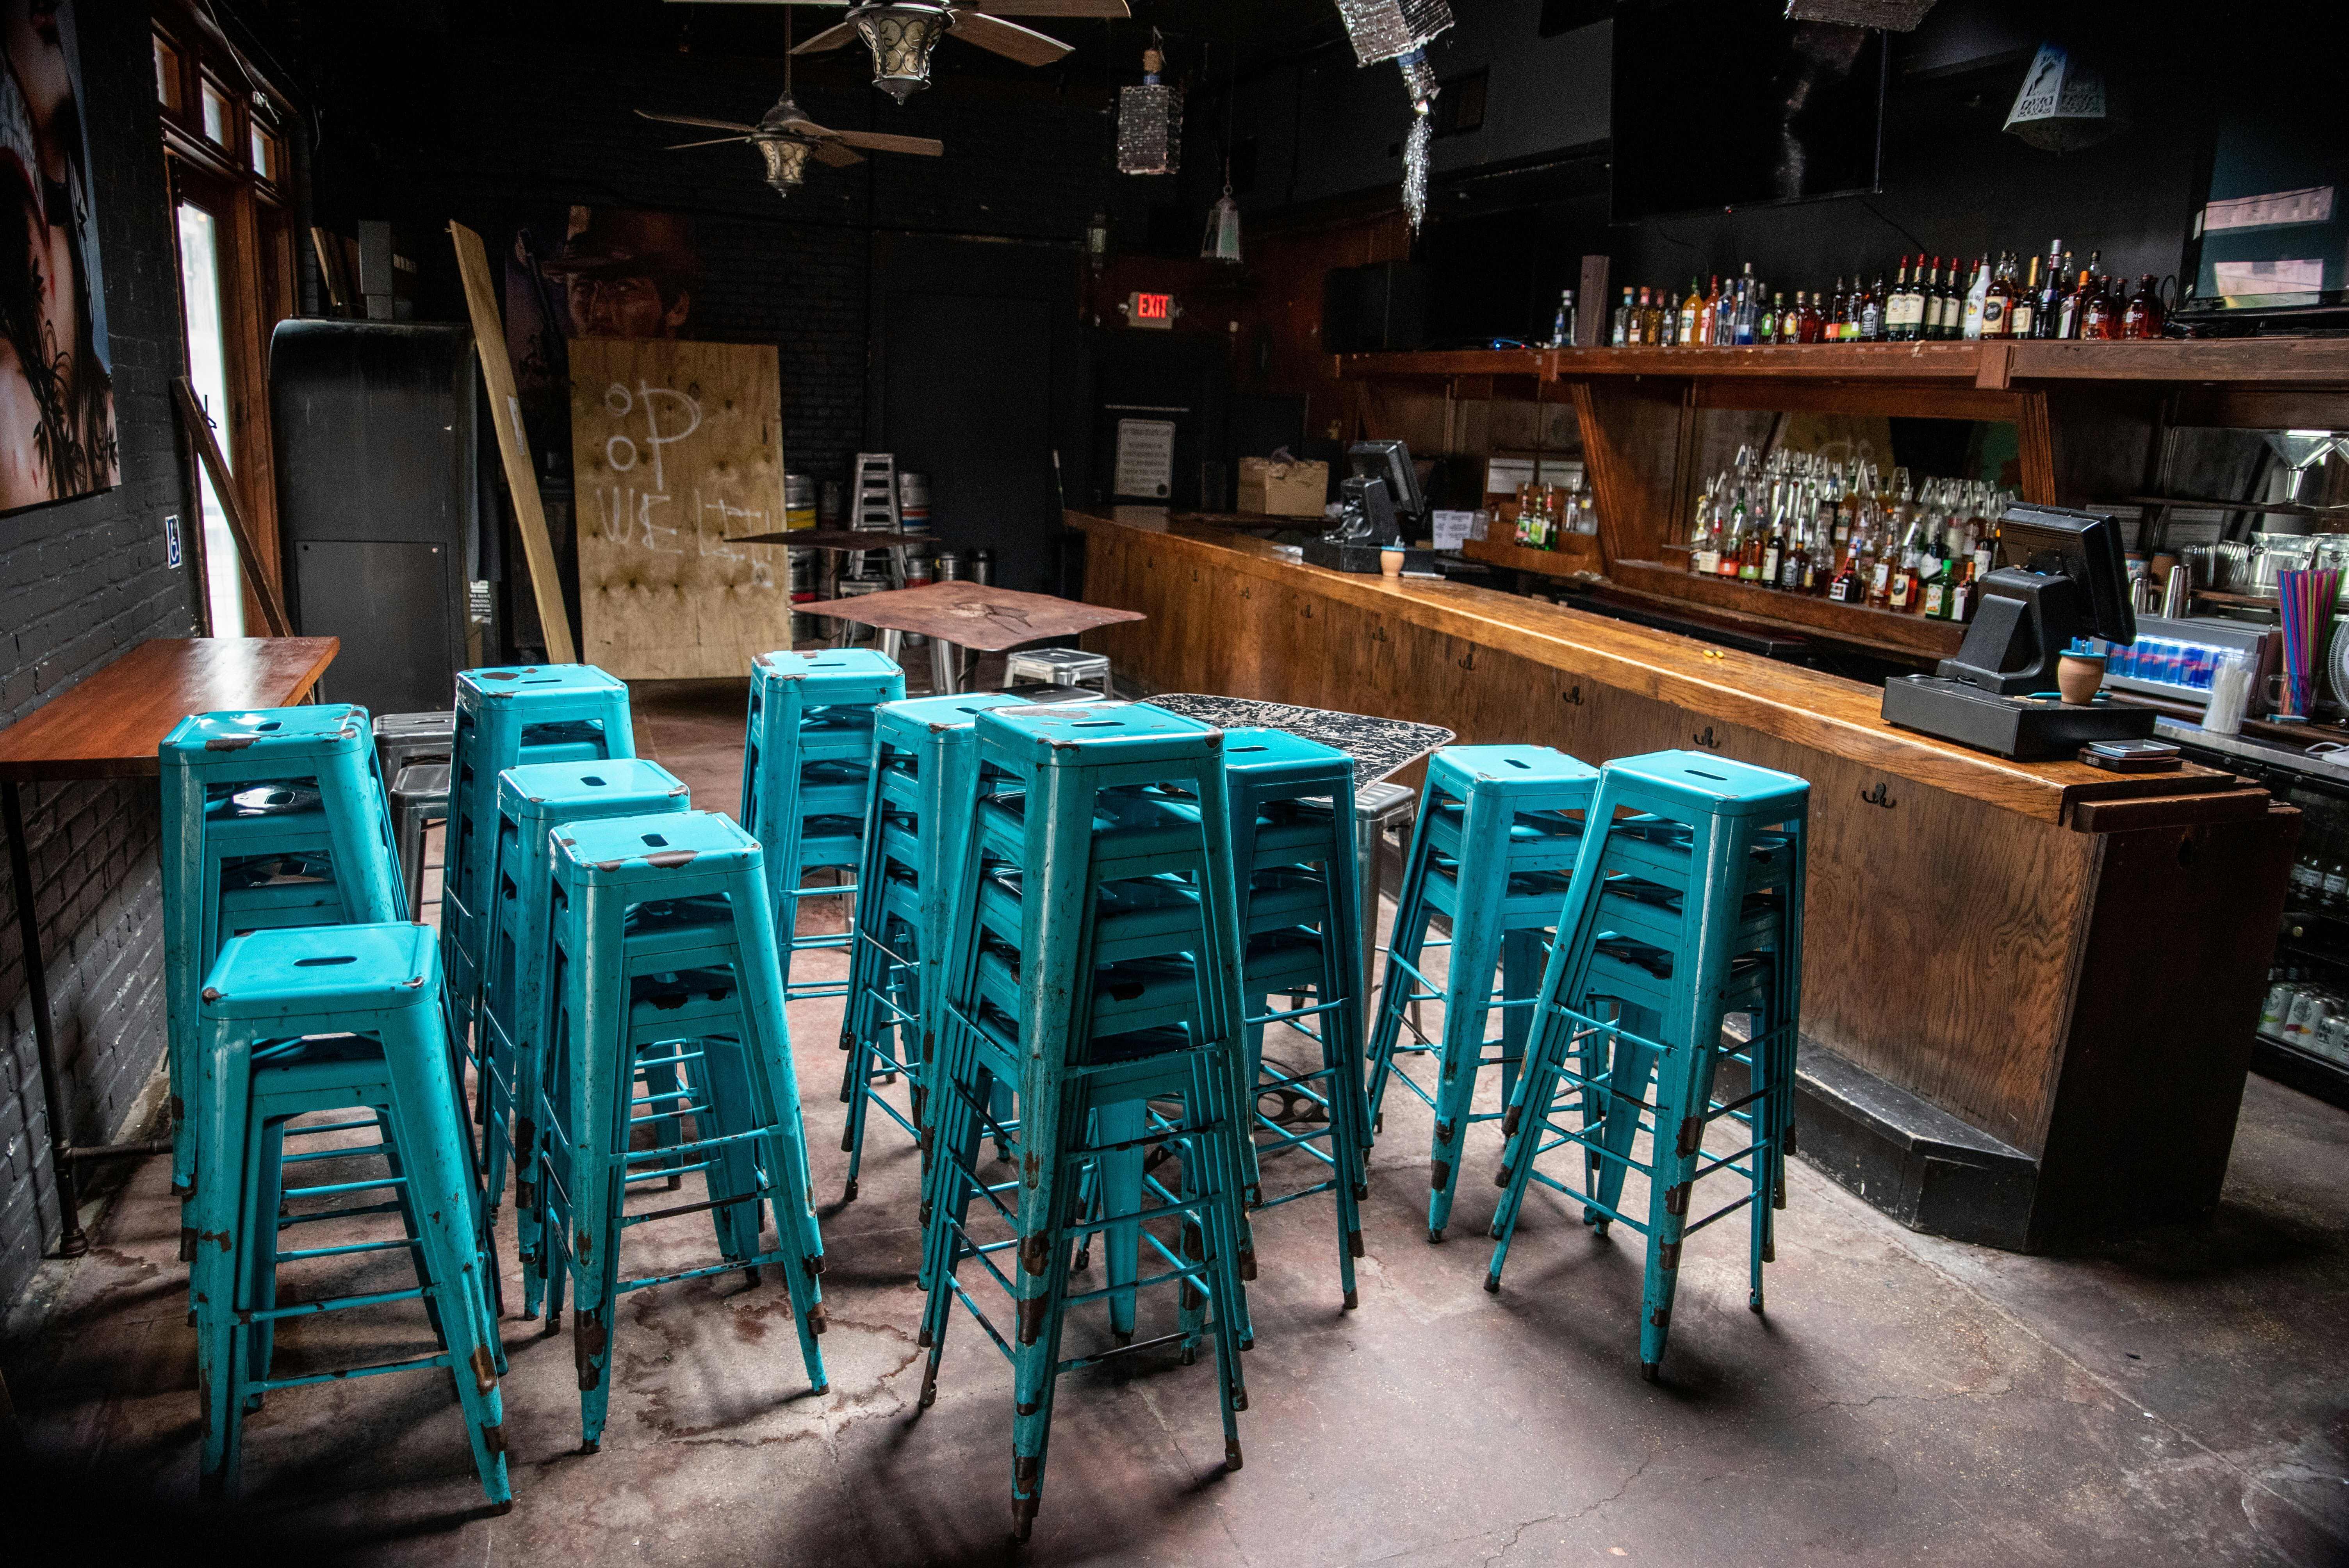 A closed bar in Austin